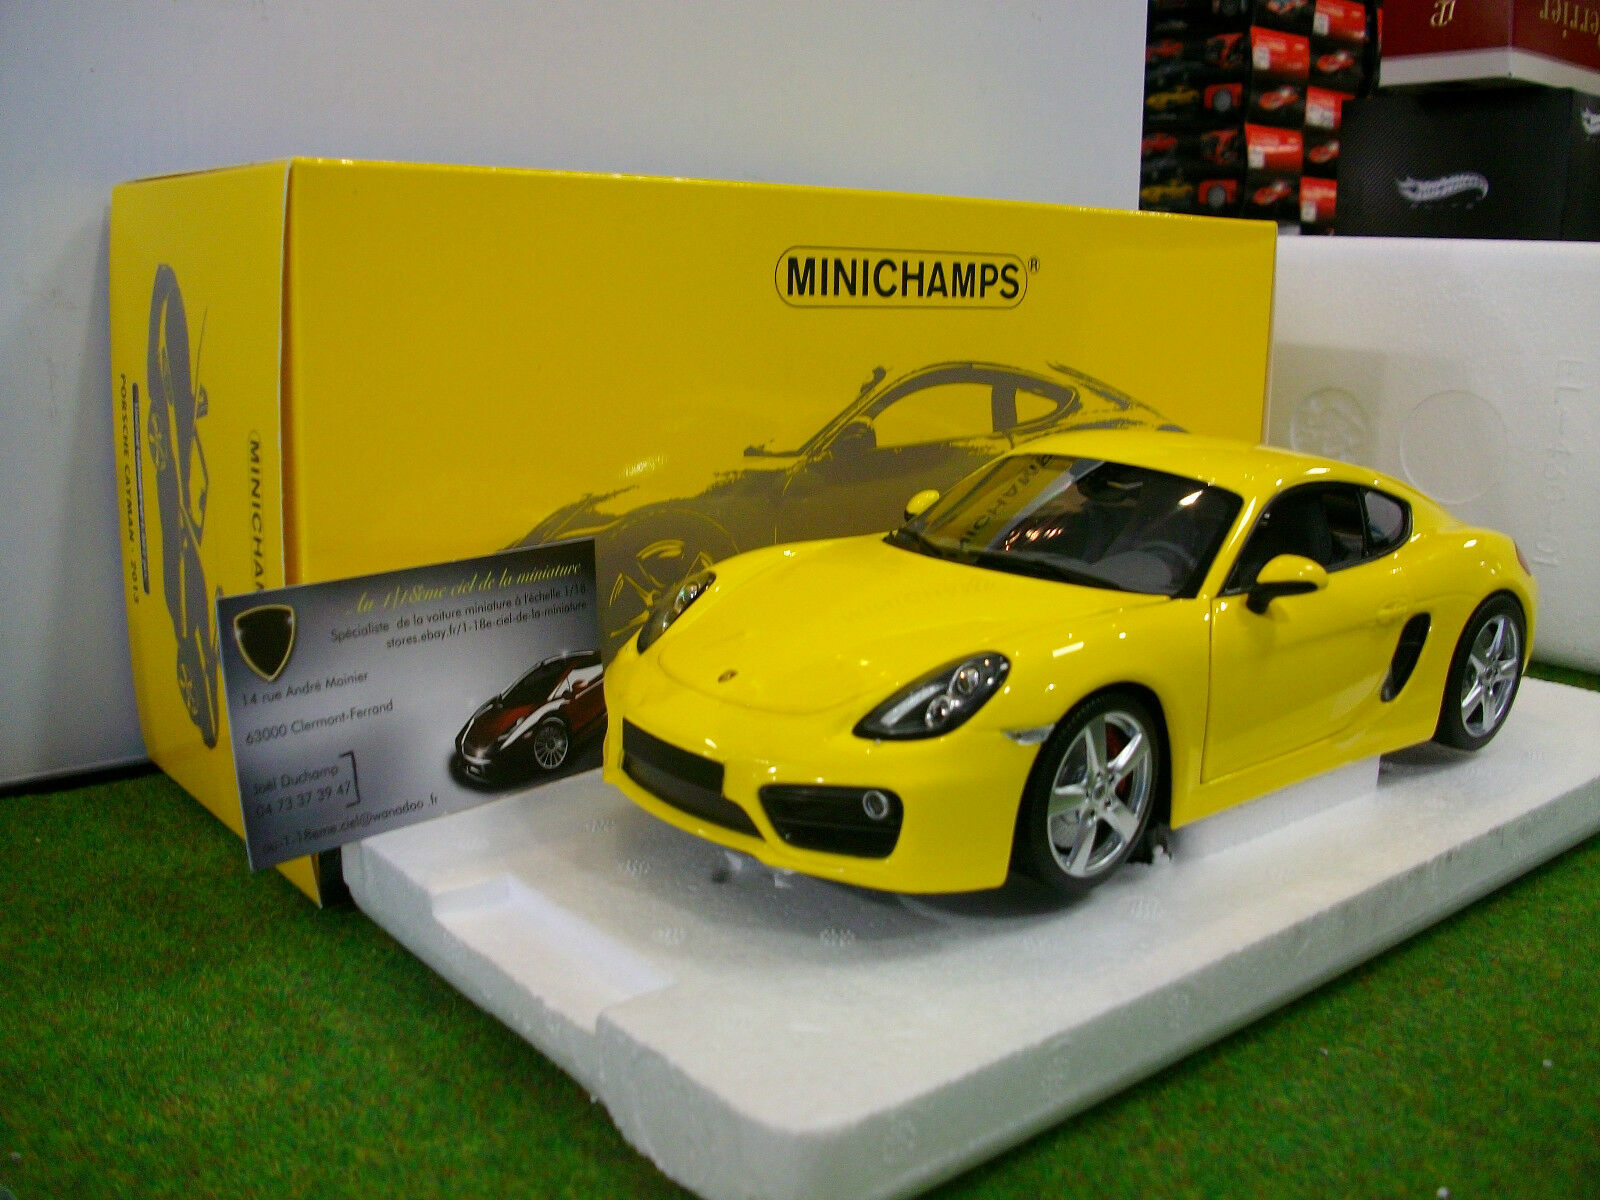 PORSCHE CAYMAN S 2013 jne 1 18 MINICHAMPS 110062220 voiture miniature collection